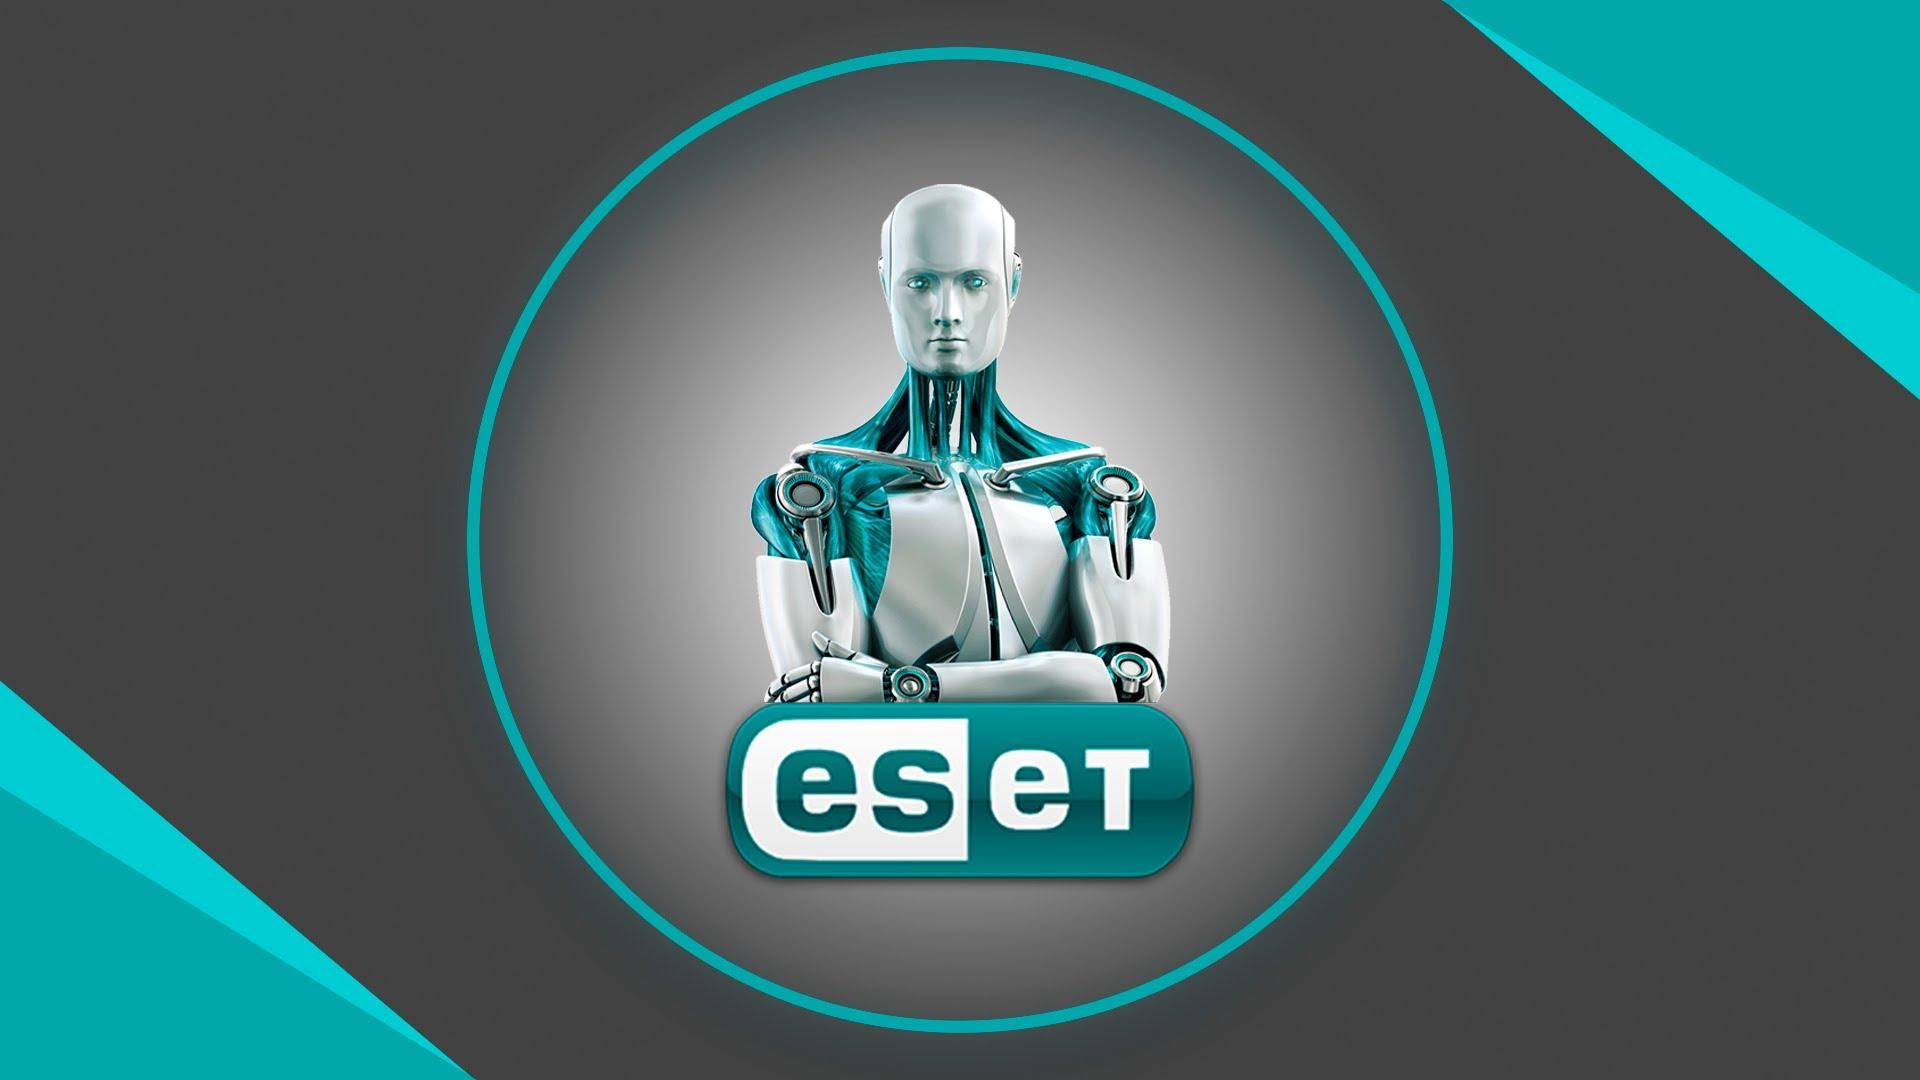 دانلود نود 32 ESET NOD32 آنتی ویروس- Antivirus